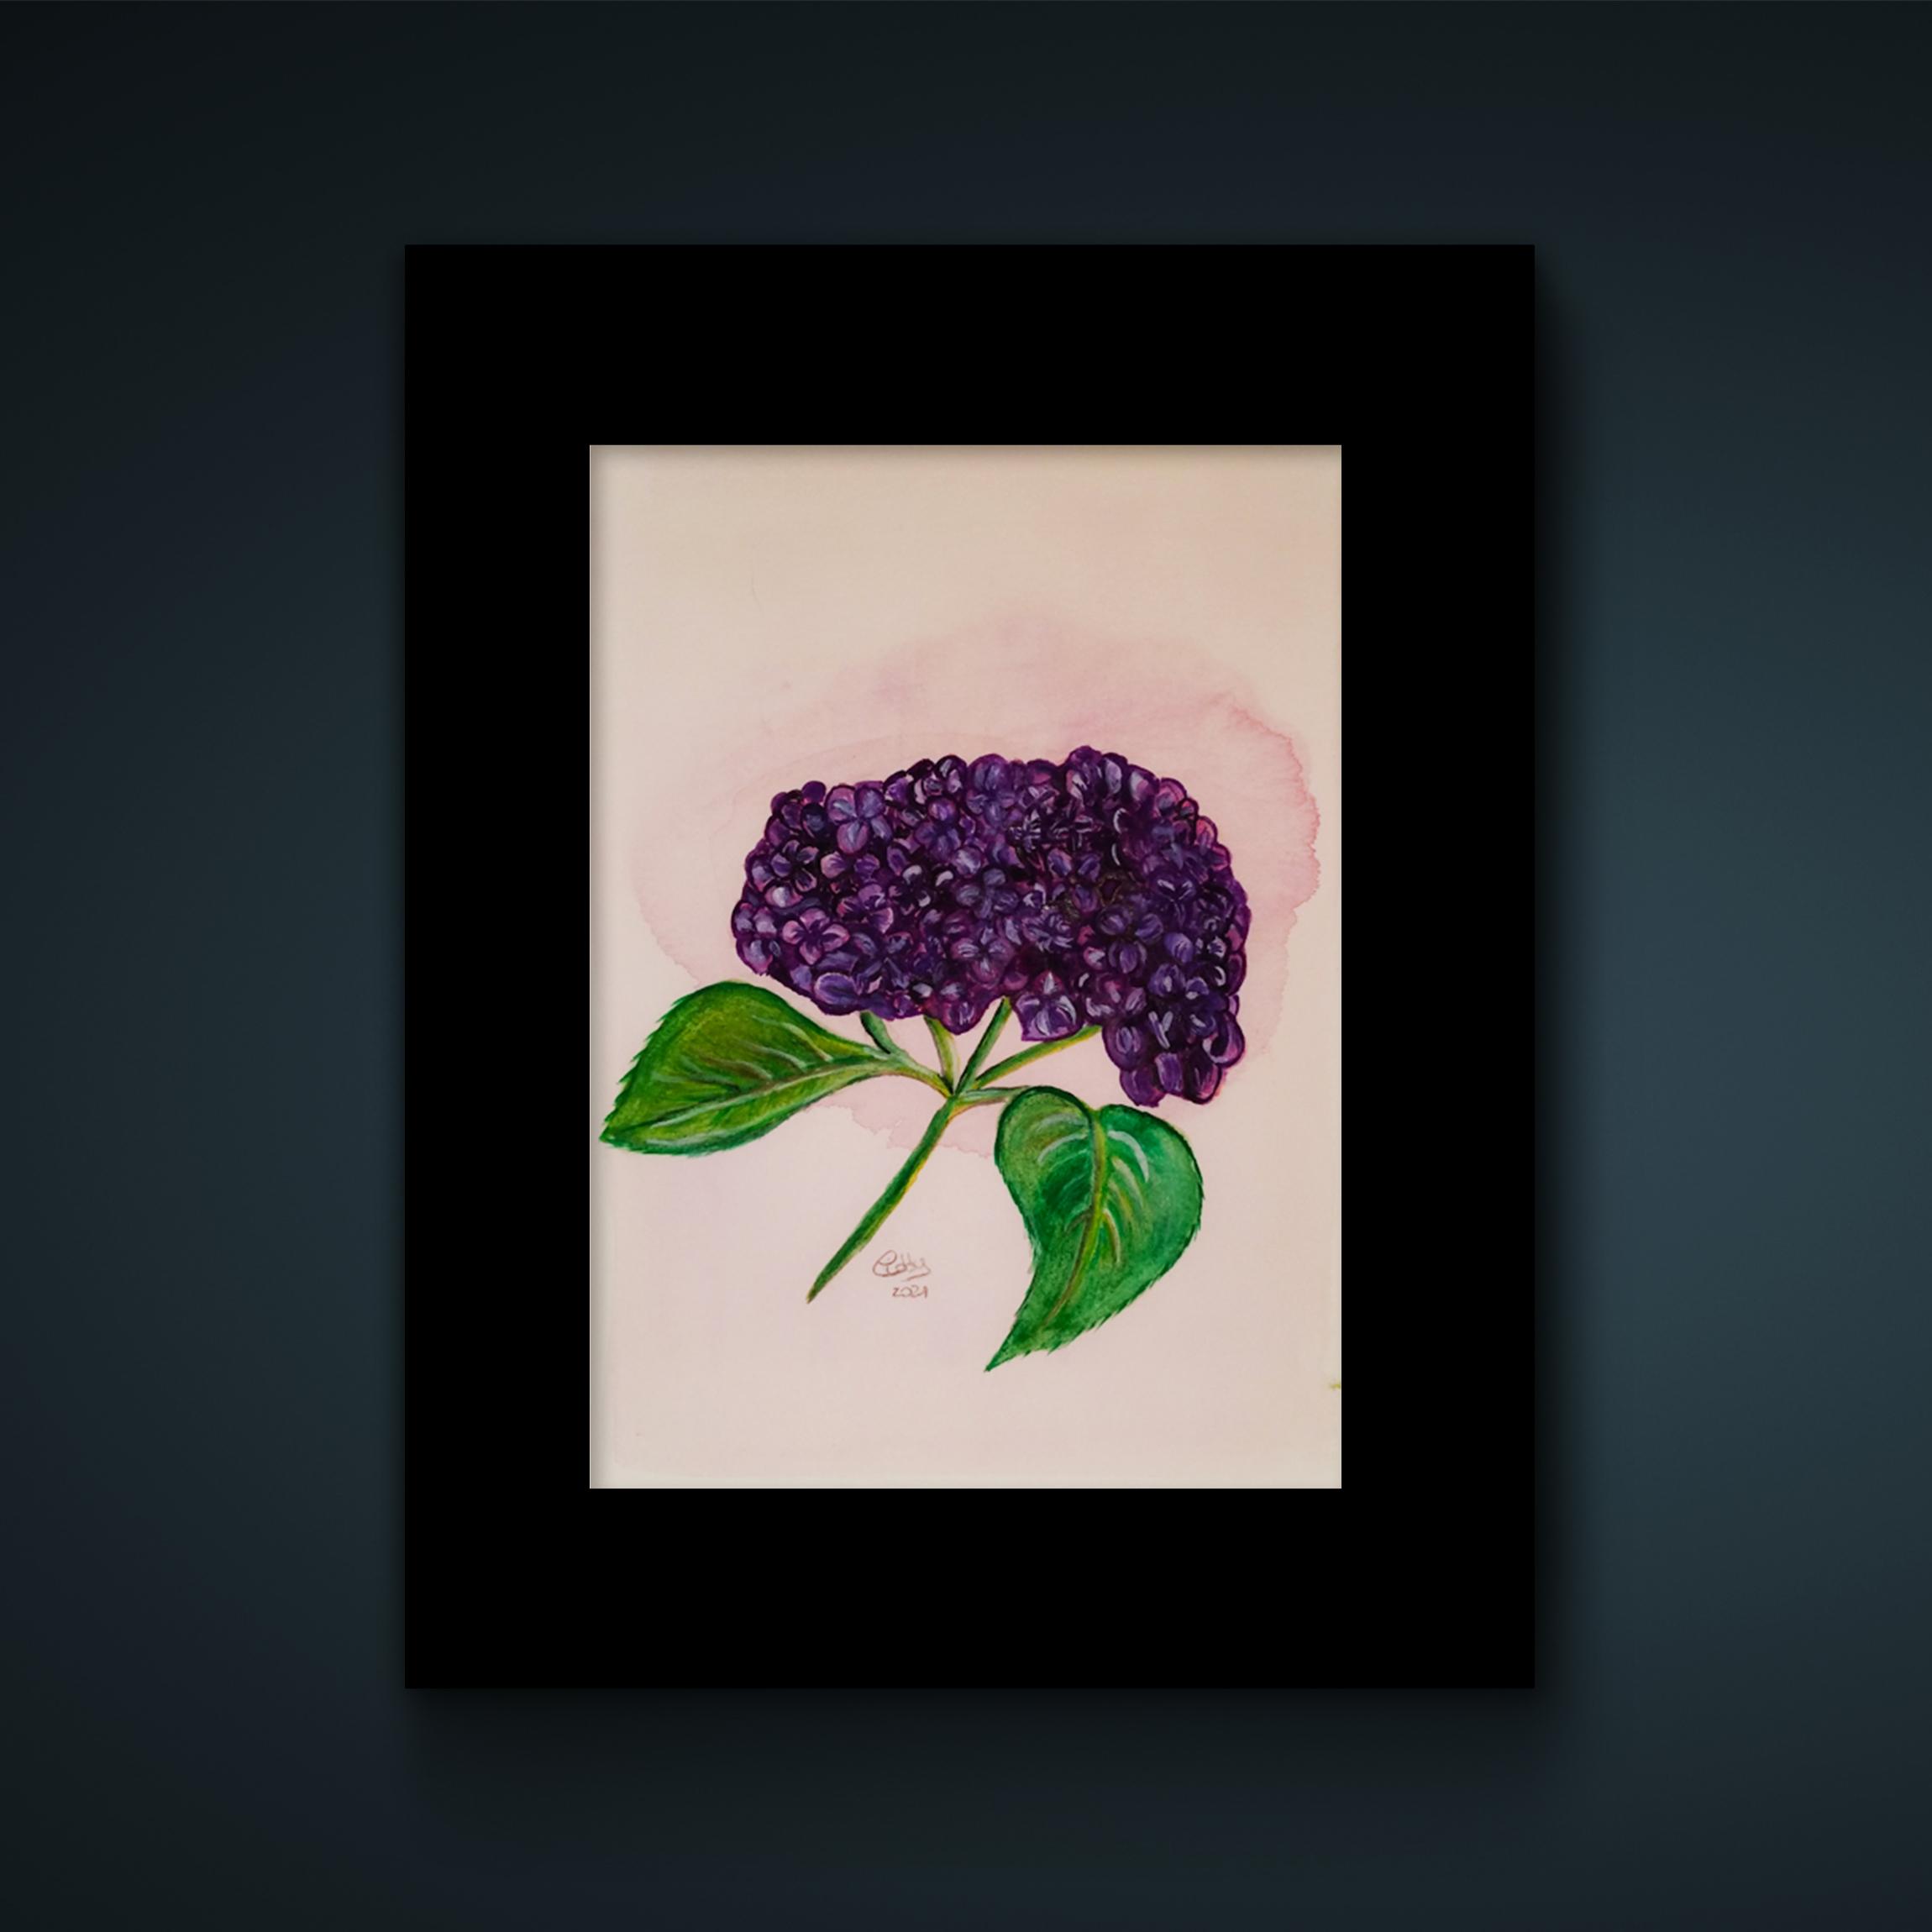 cadre noir et brin d'hortensia violet dessiné à l'aquarelle